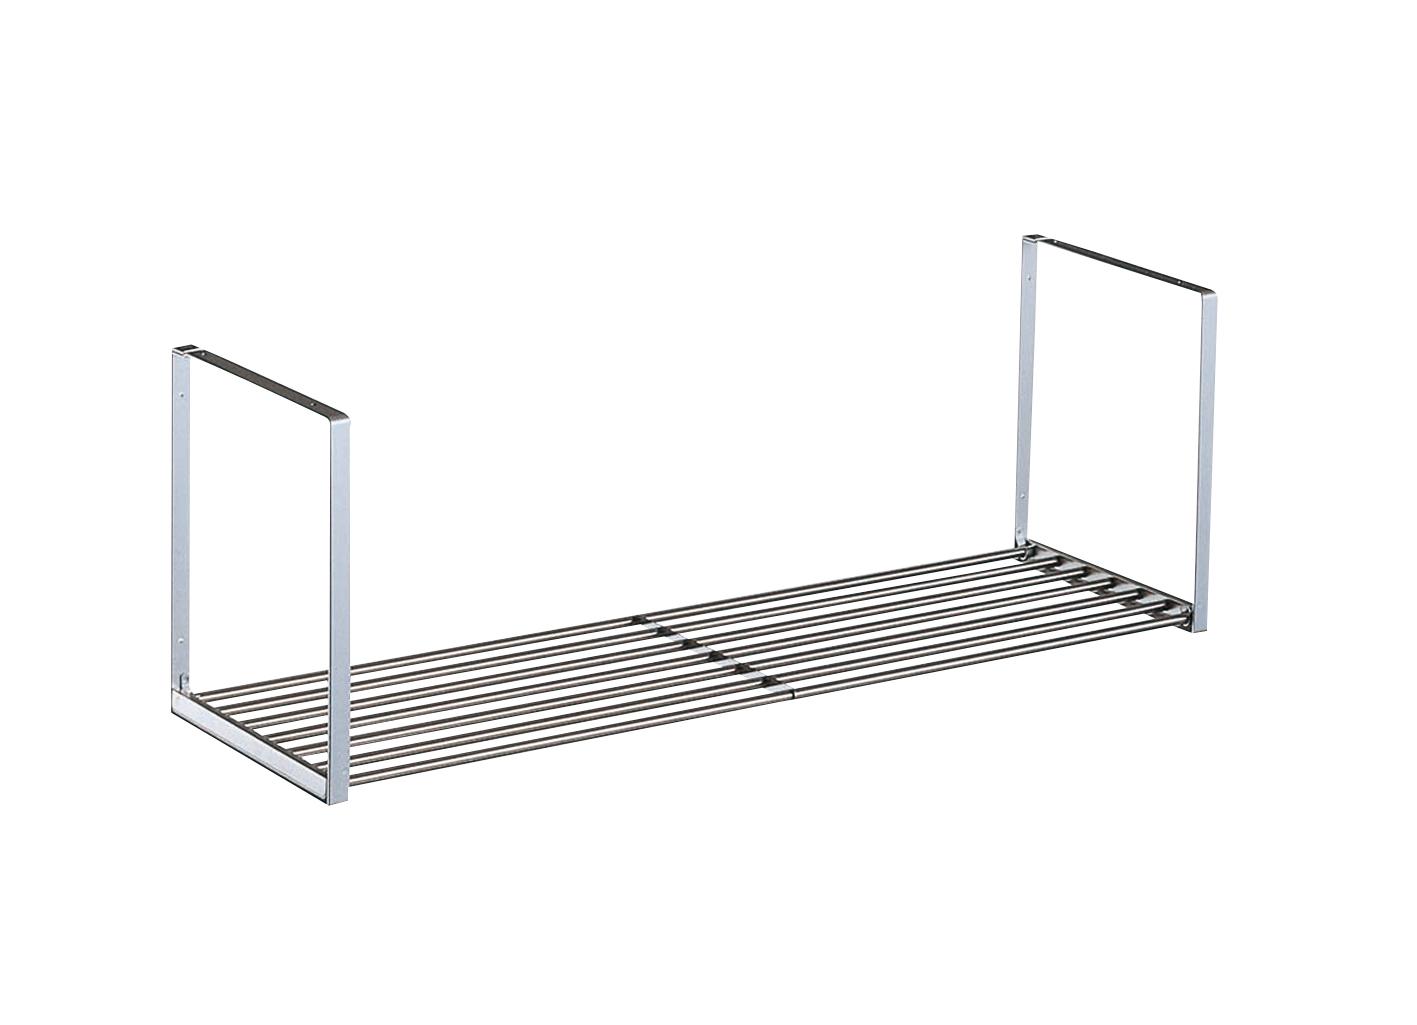 【タクボ】 パイプ棚1段Sタイプ幅180cm